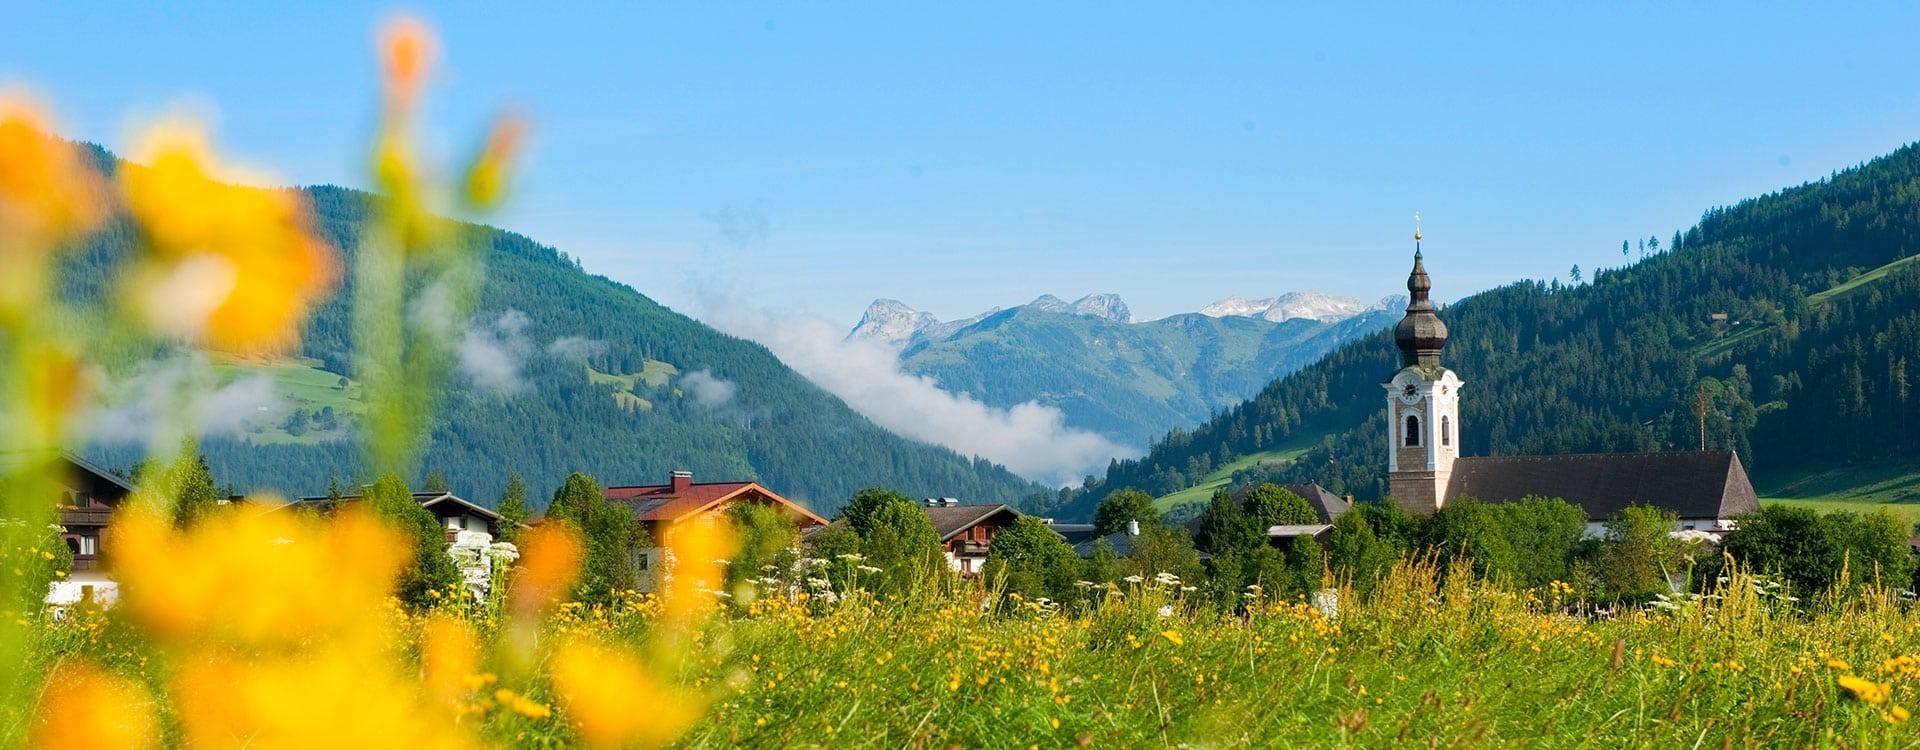 Wetter - Erlebnis-Therme Amadé in Altenmarkt im Pongau, Salzburger Land